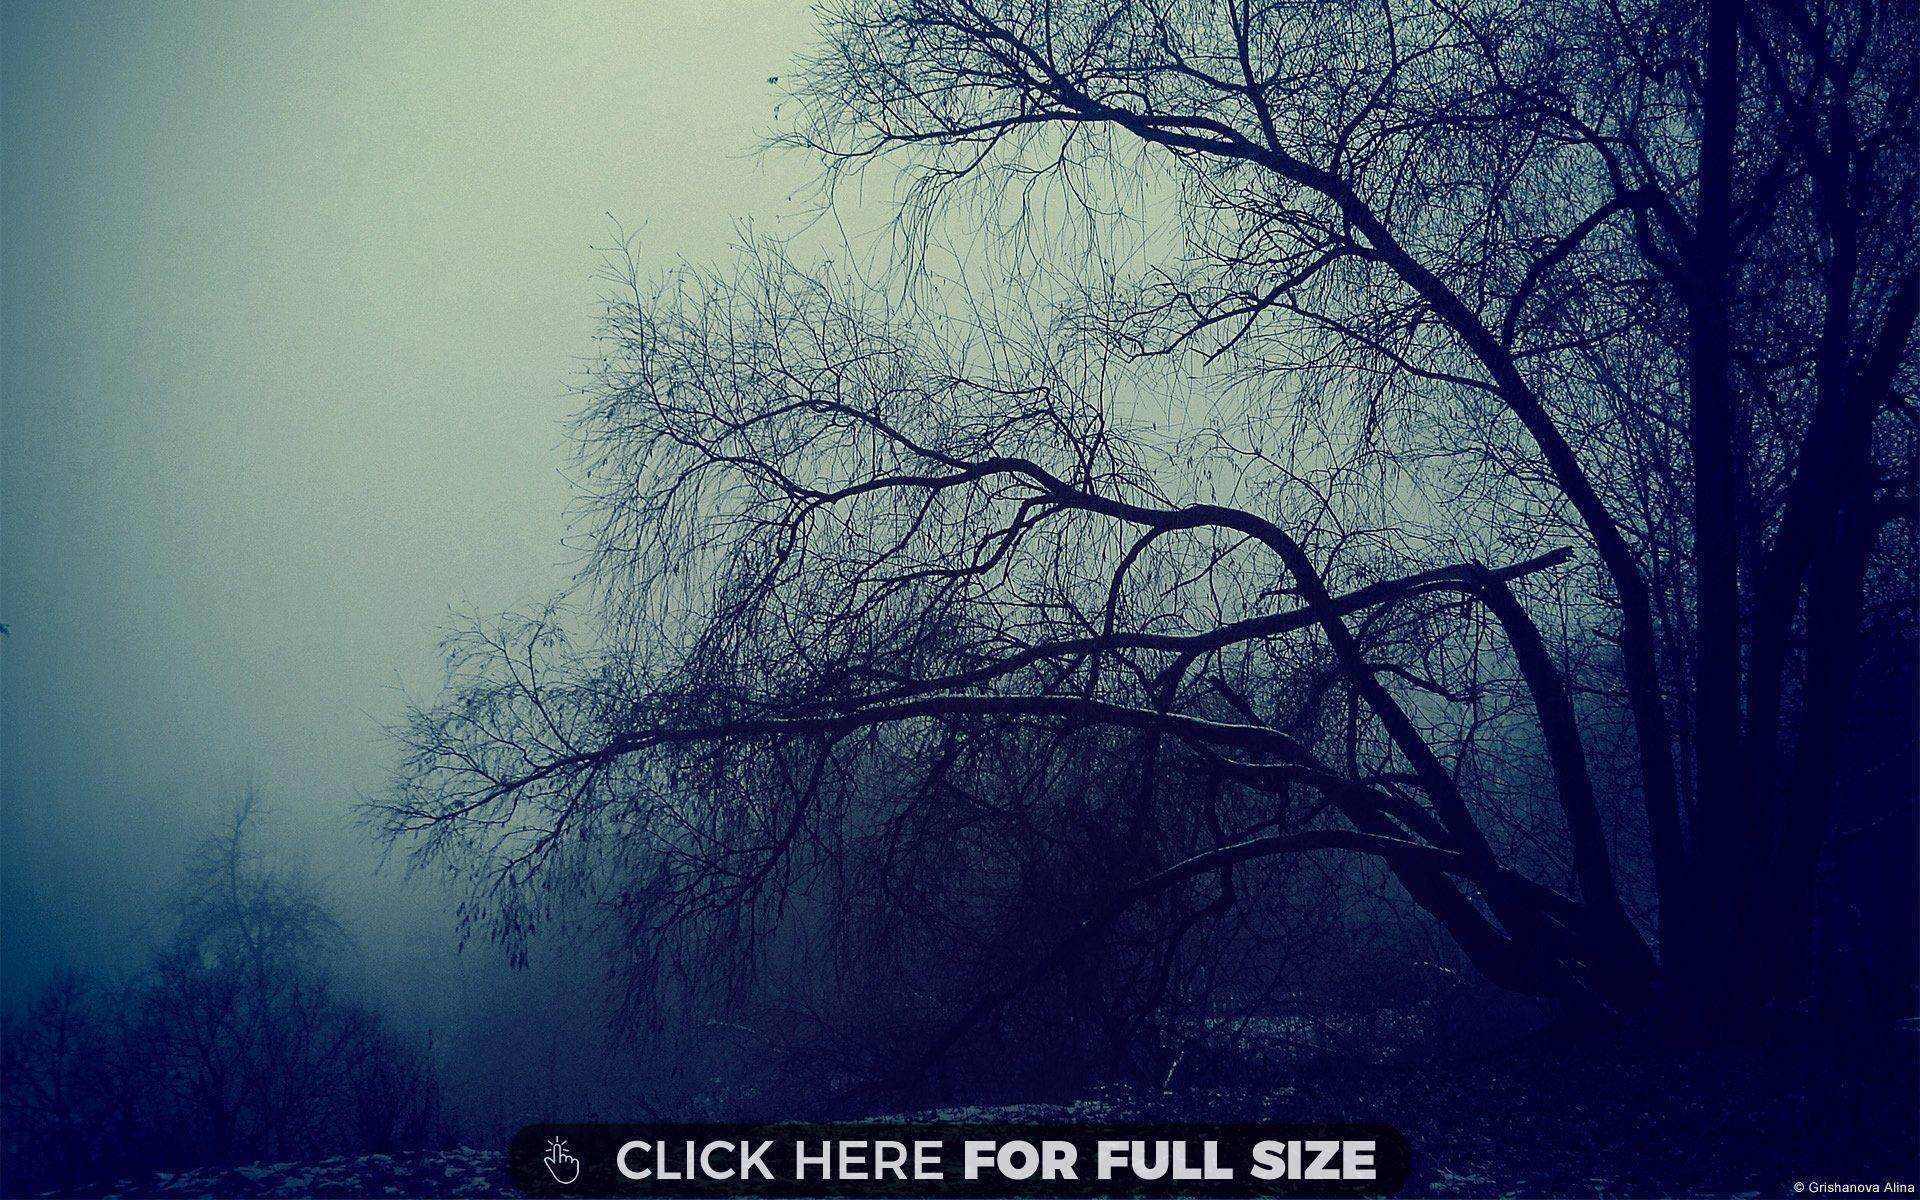 Heavy Fog 4k wallpaper for mobile, Wallpaper, Scenery